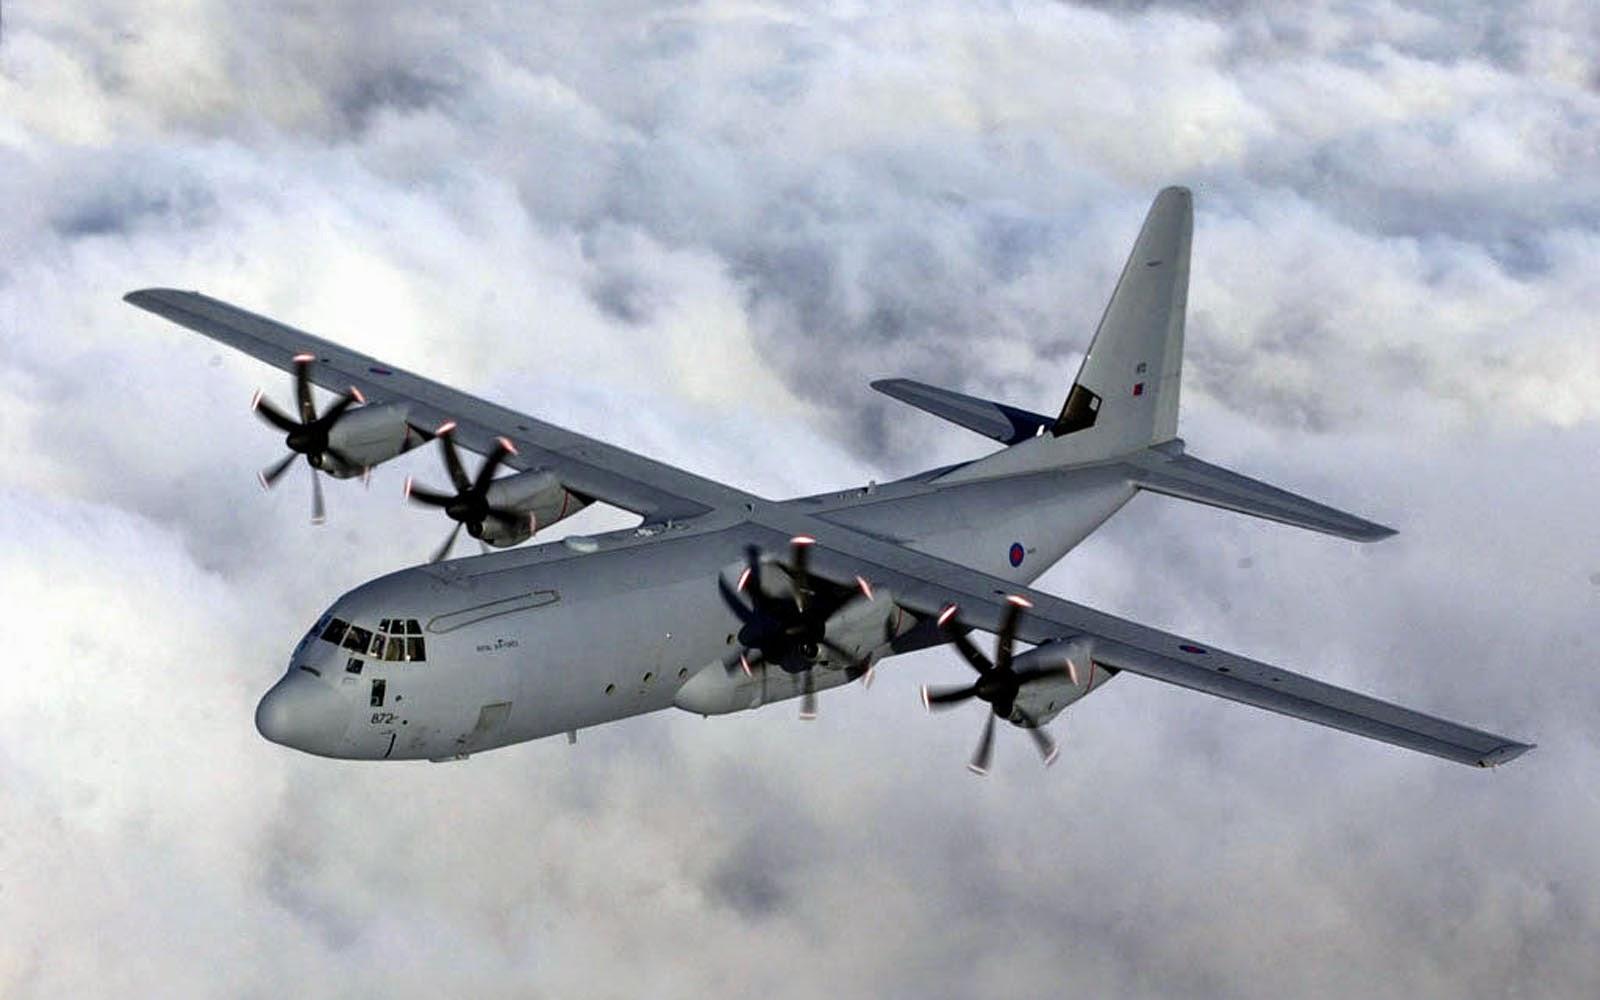 Elicottero C130 : Wallpapers lockheed c hercules